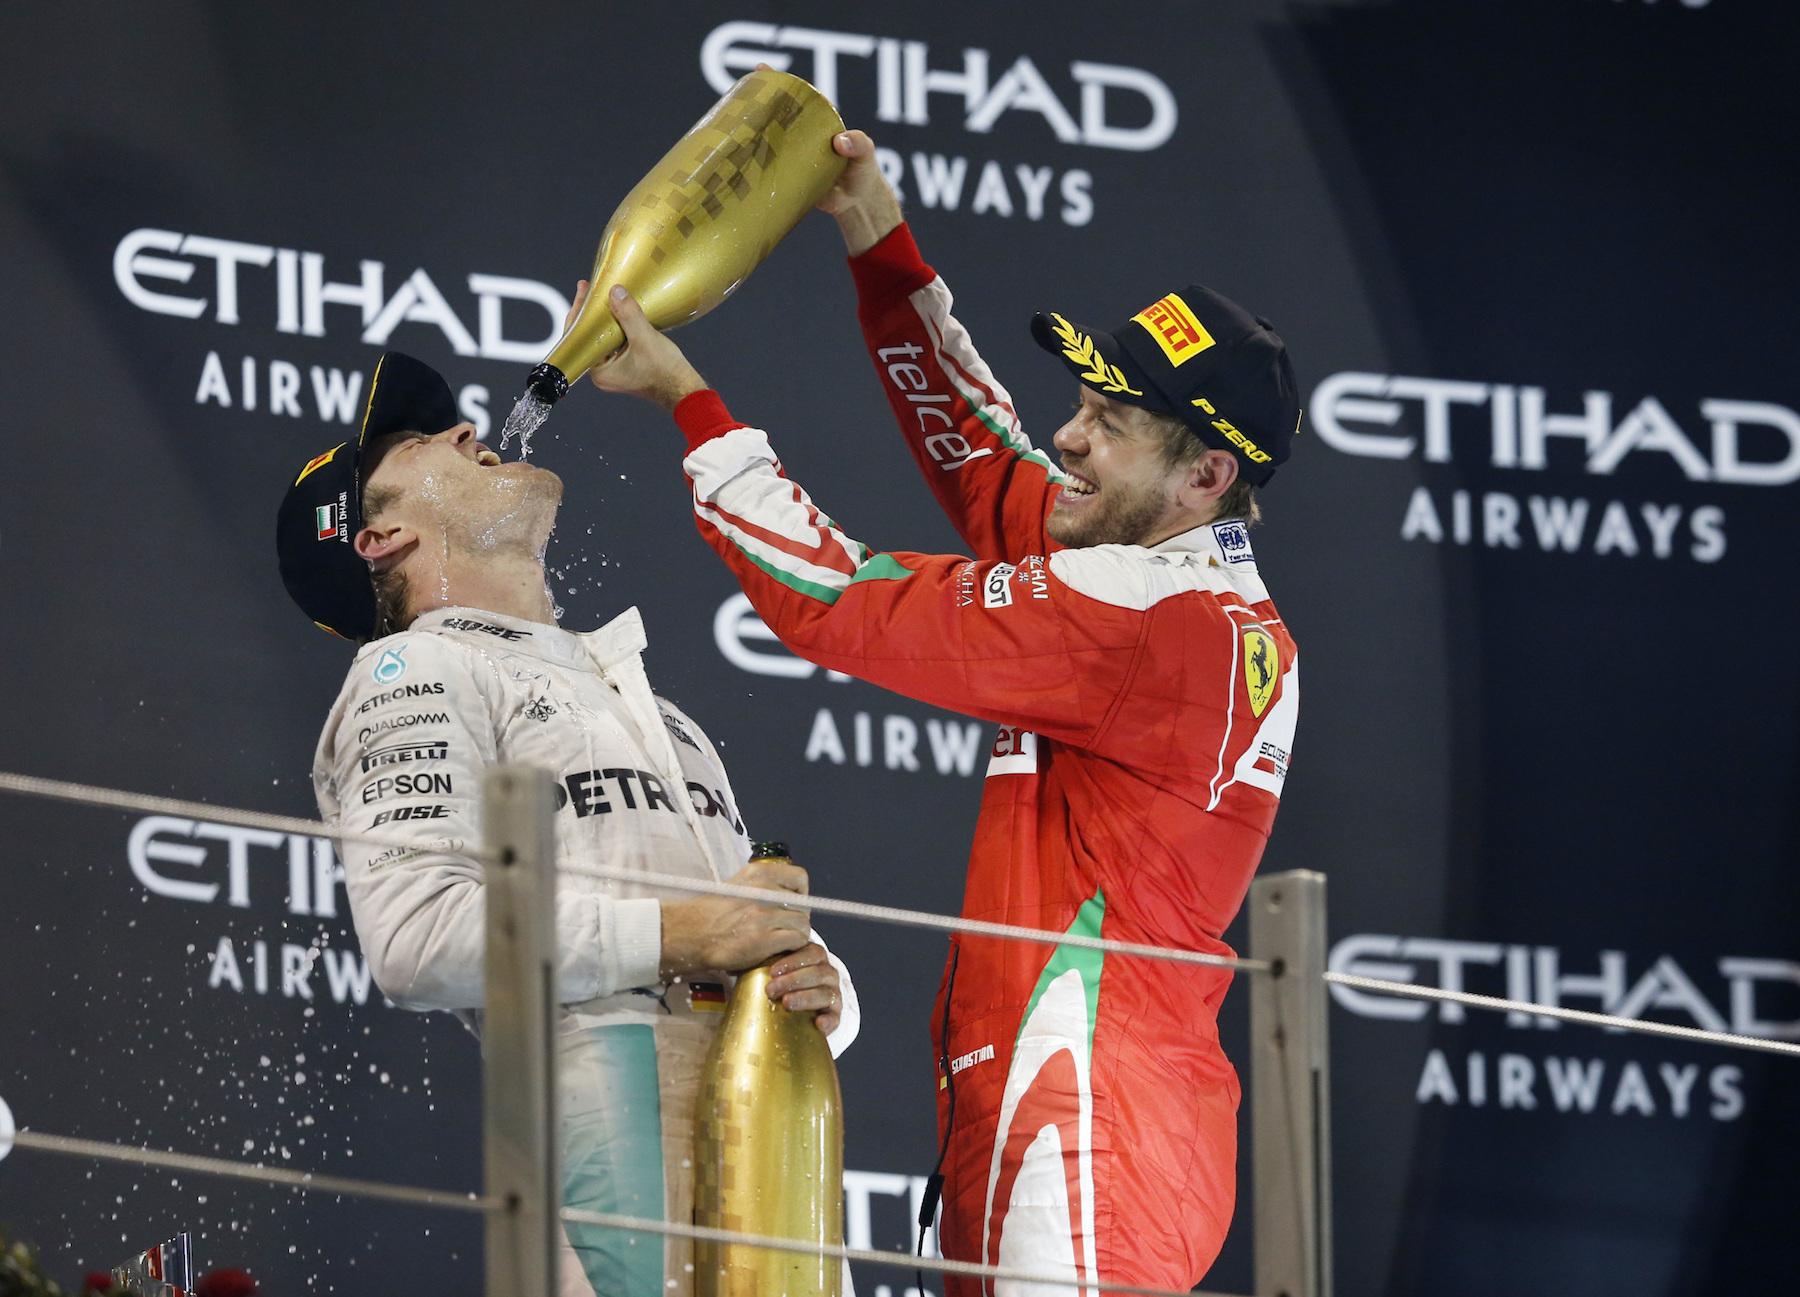 Salracing - Nico Rosberg and Sebastian Vettel